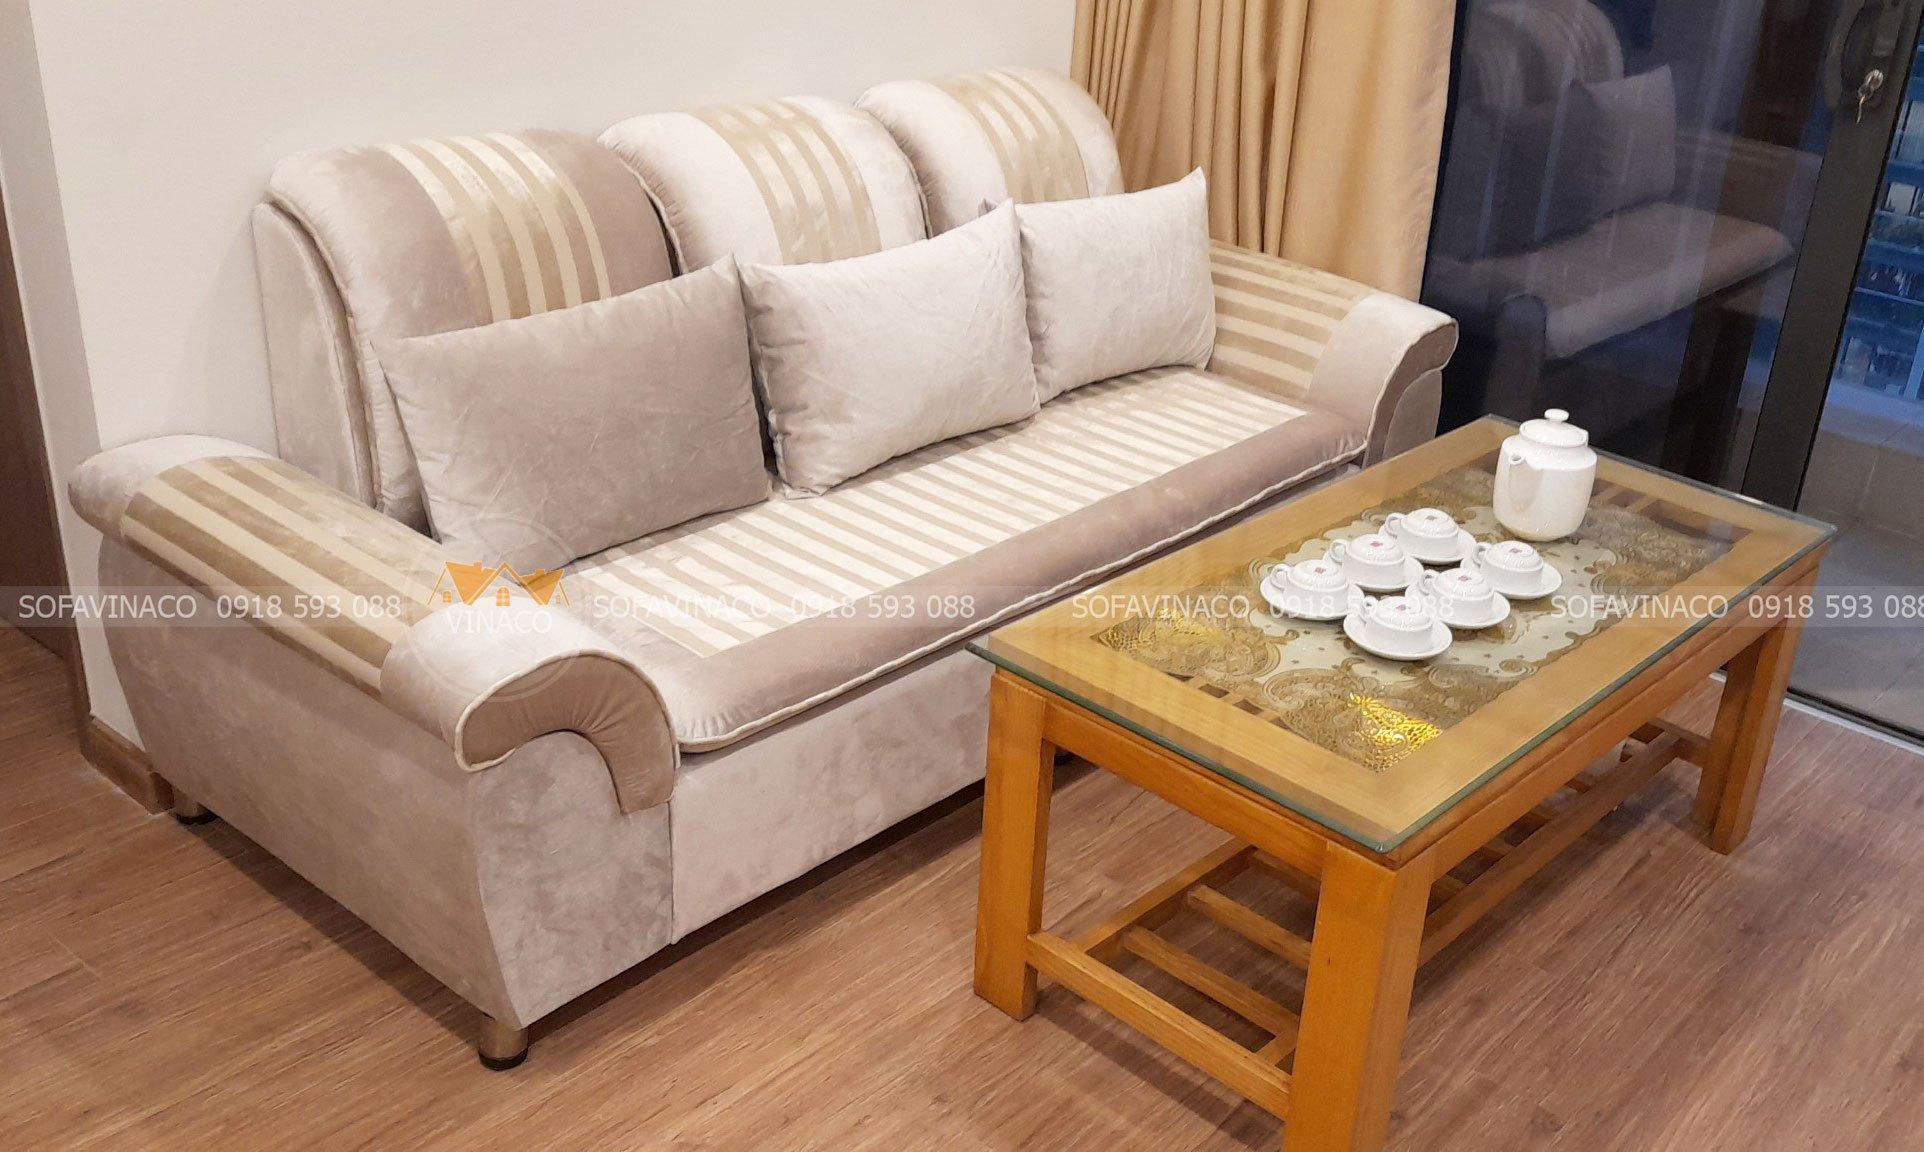 Bọc ghế sofa nhung mẫu TM11 tại Khương Thương, Đống Đa, Hà Nội